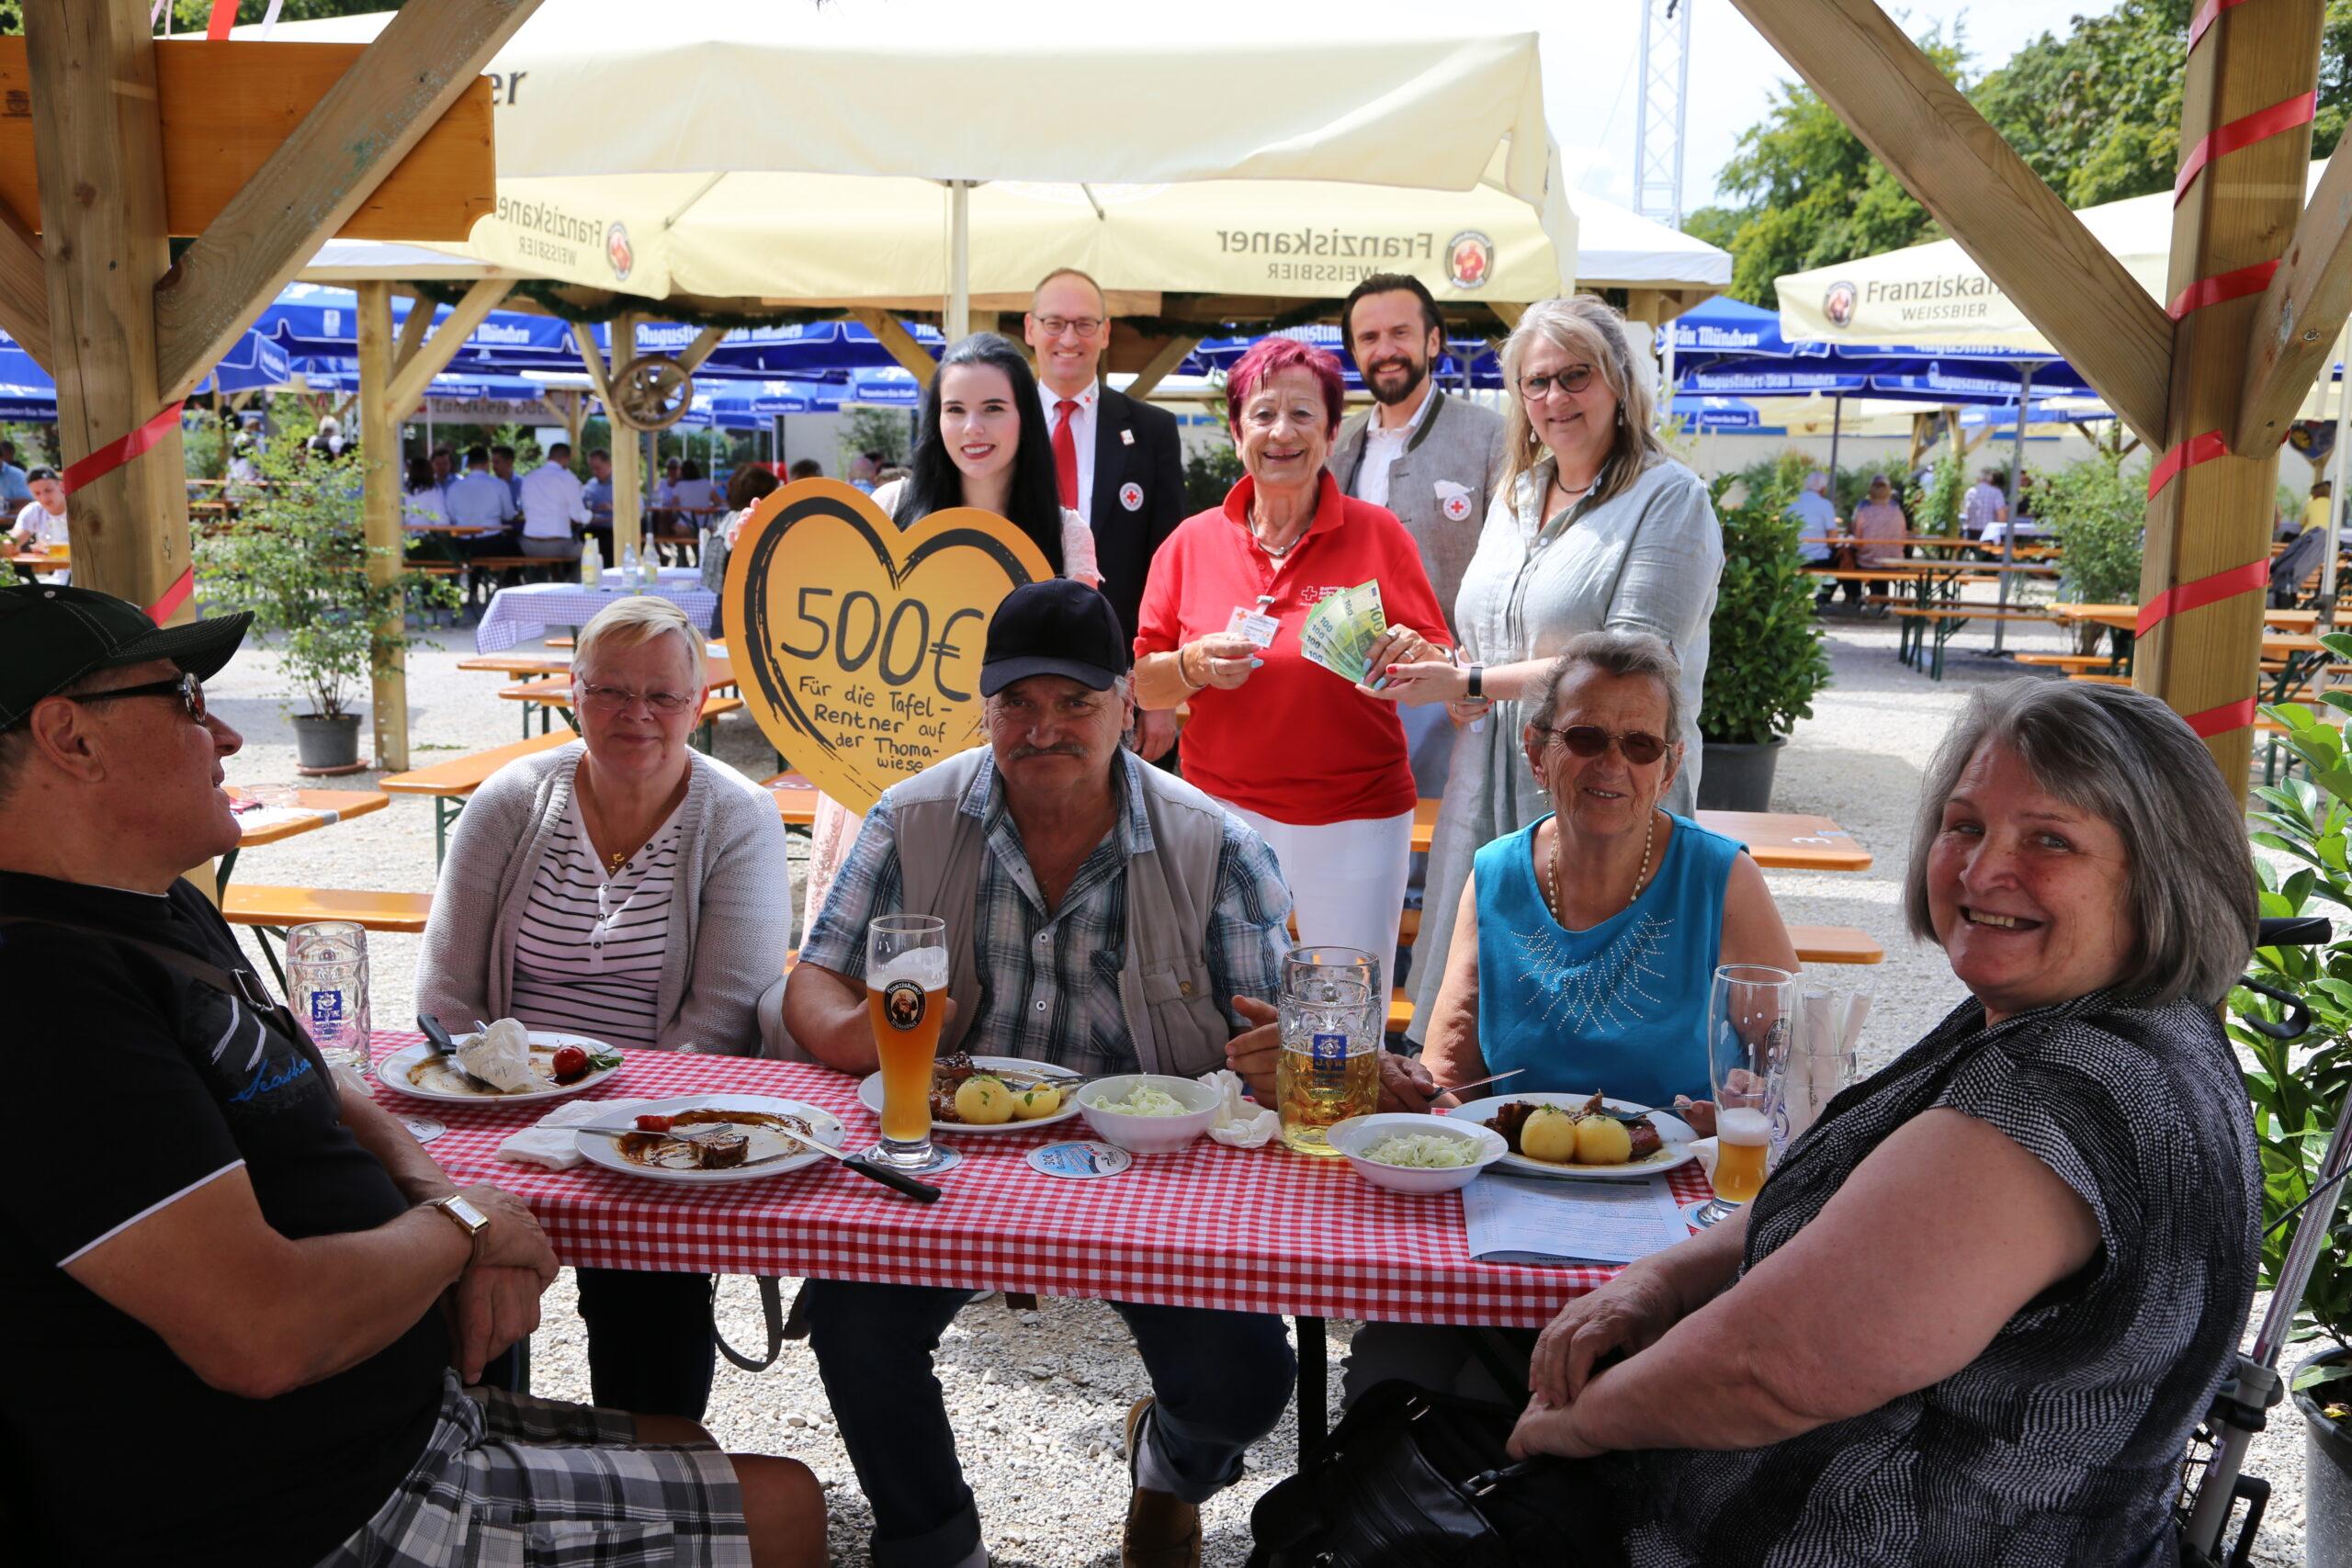 Die strahlenden Senioren am Tisch. Dahinter überreichen die VR-Mitarbeiterinnen Julia Westermeir (links) und Karin Rauscher (rechts) 500 Euro an Edda Drittenpreis. Hintere Reihe: Bernhard Seidenath und Paul Polyfka.